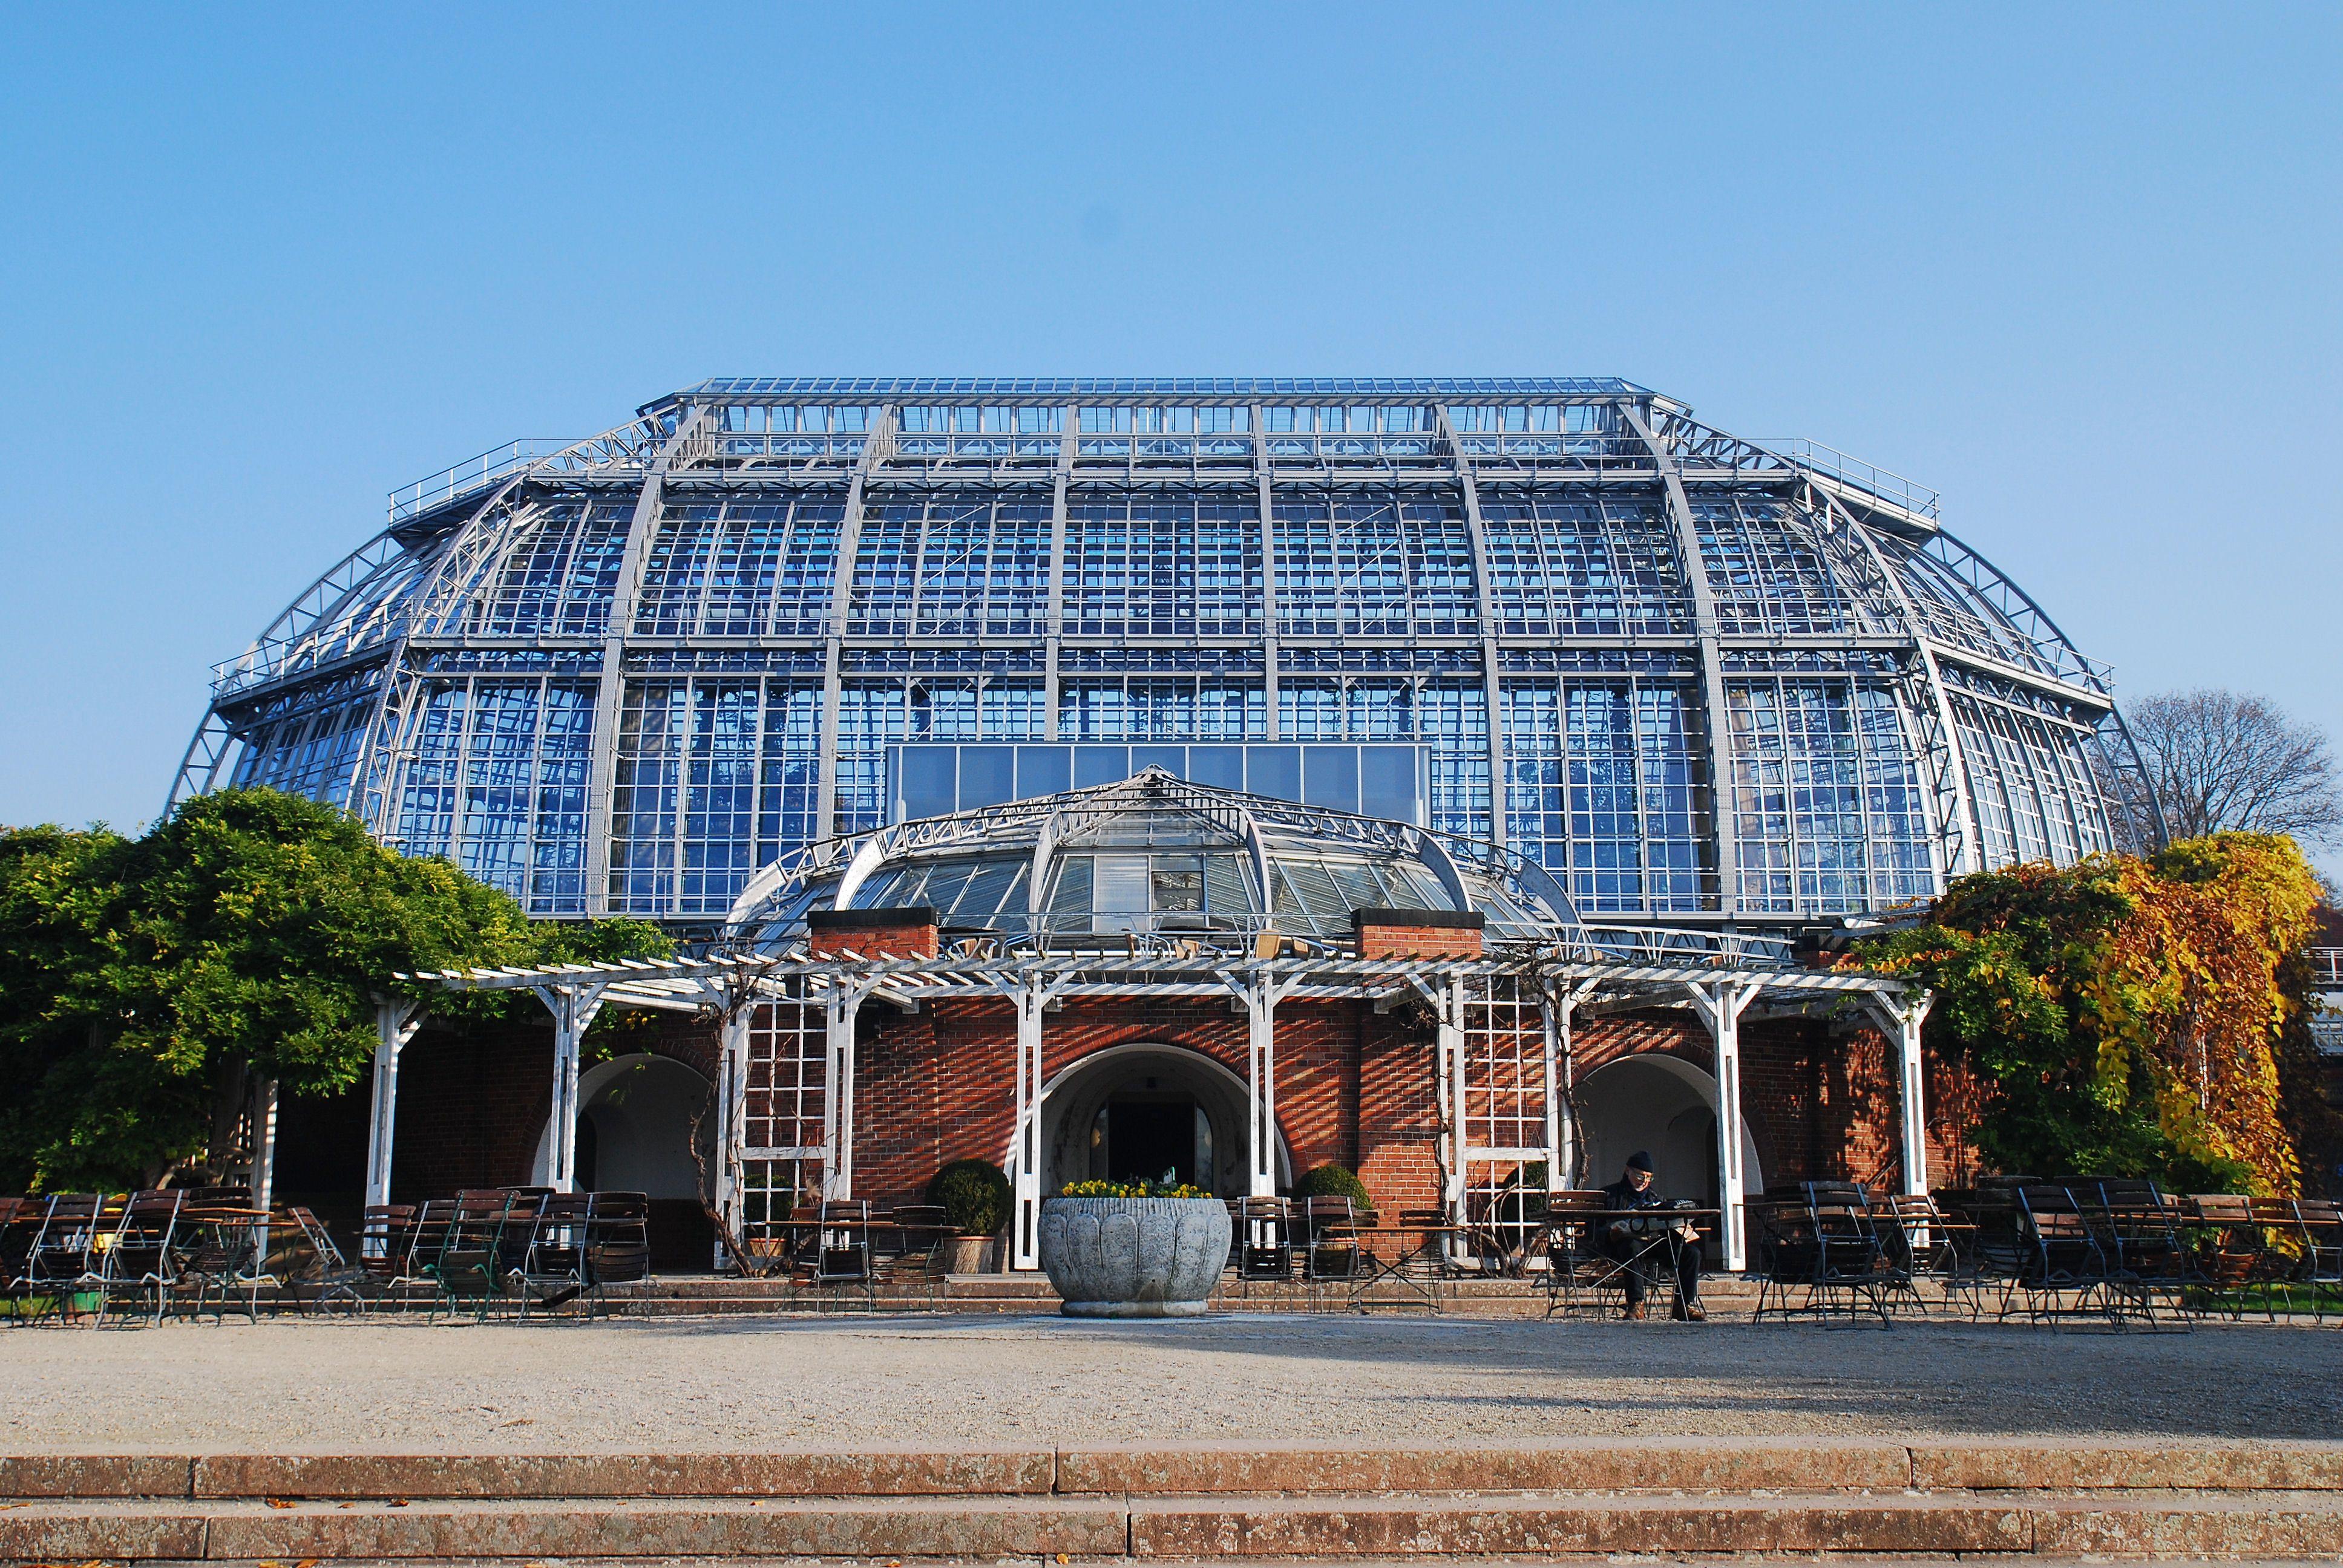 Berlin Botanischer Garten Grosses Tropenhaus 1907 Photo Spots Photo Building